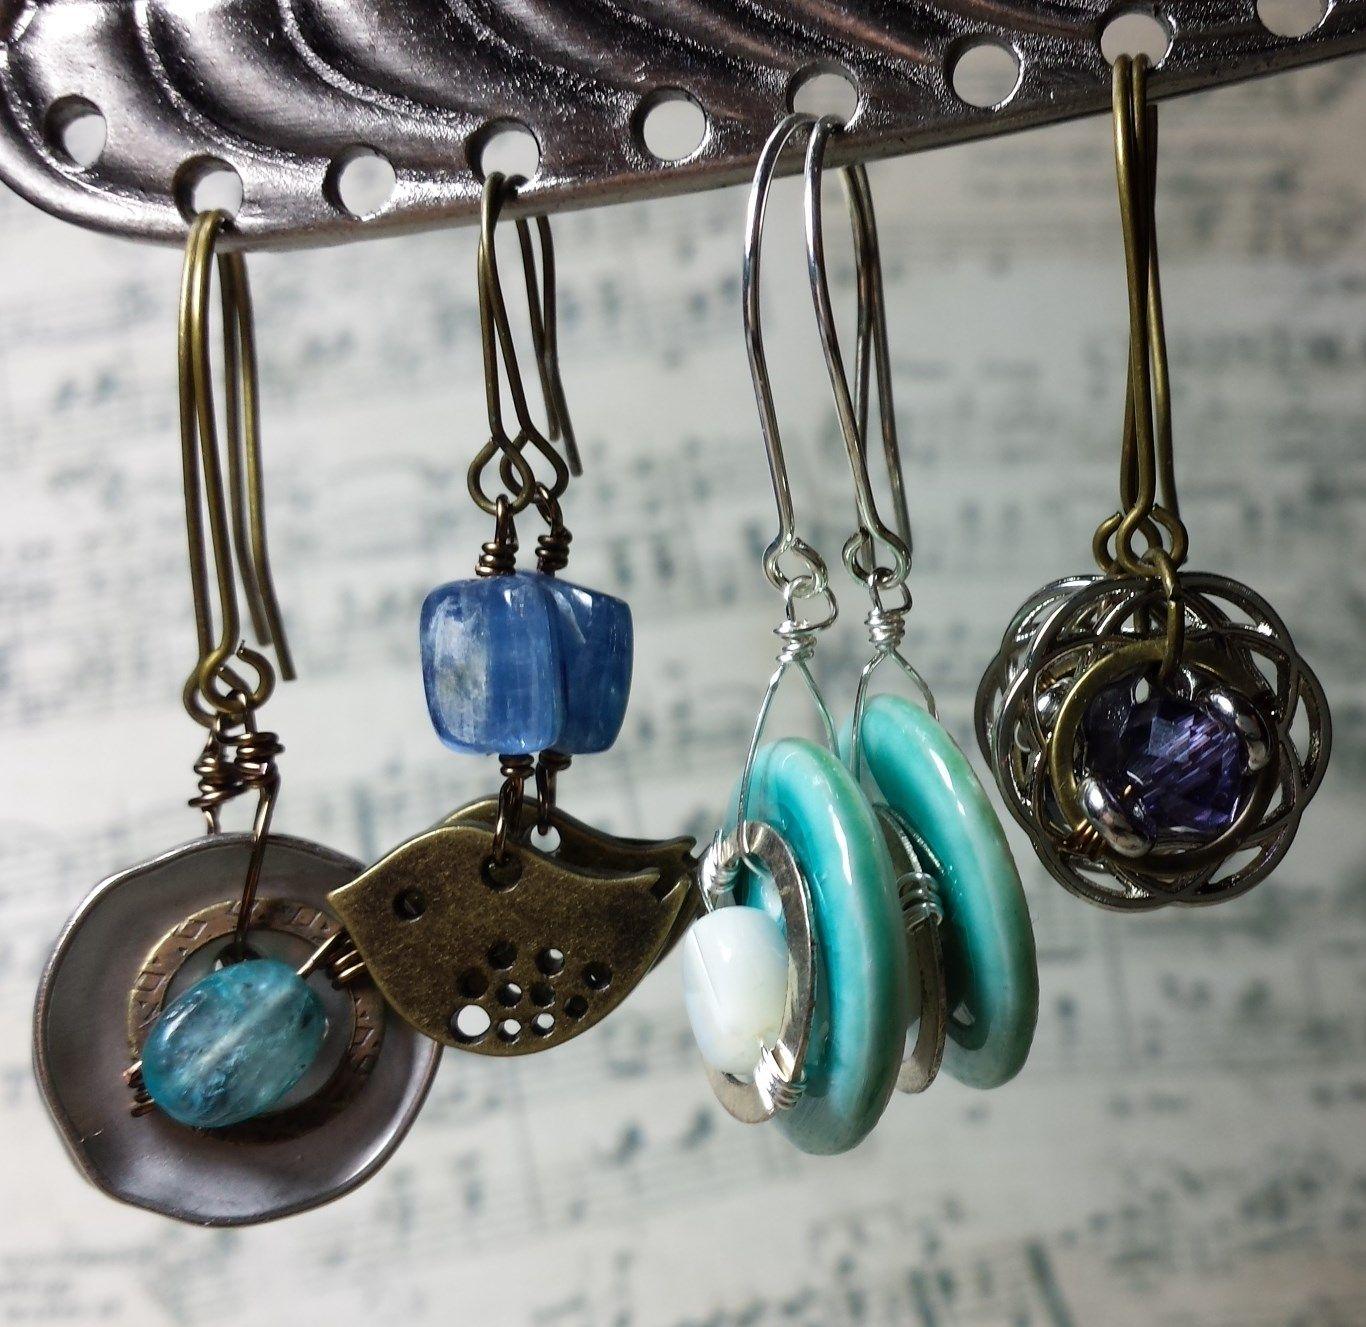 http://janieangeljewelry.com https://www.facebook.com/JanieAngelJewelry